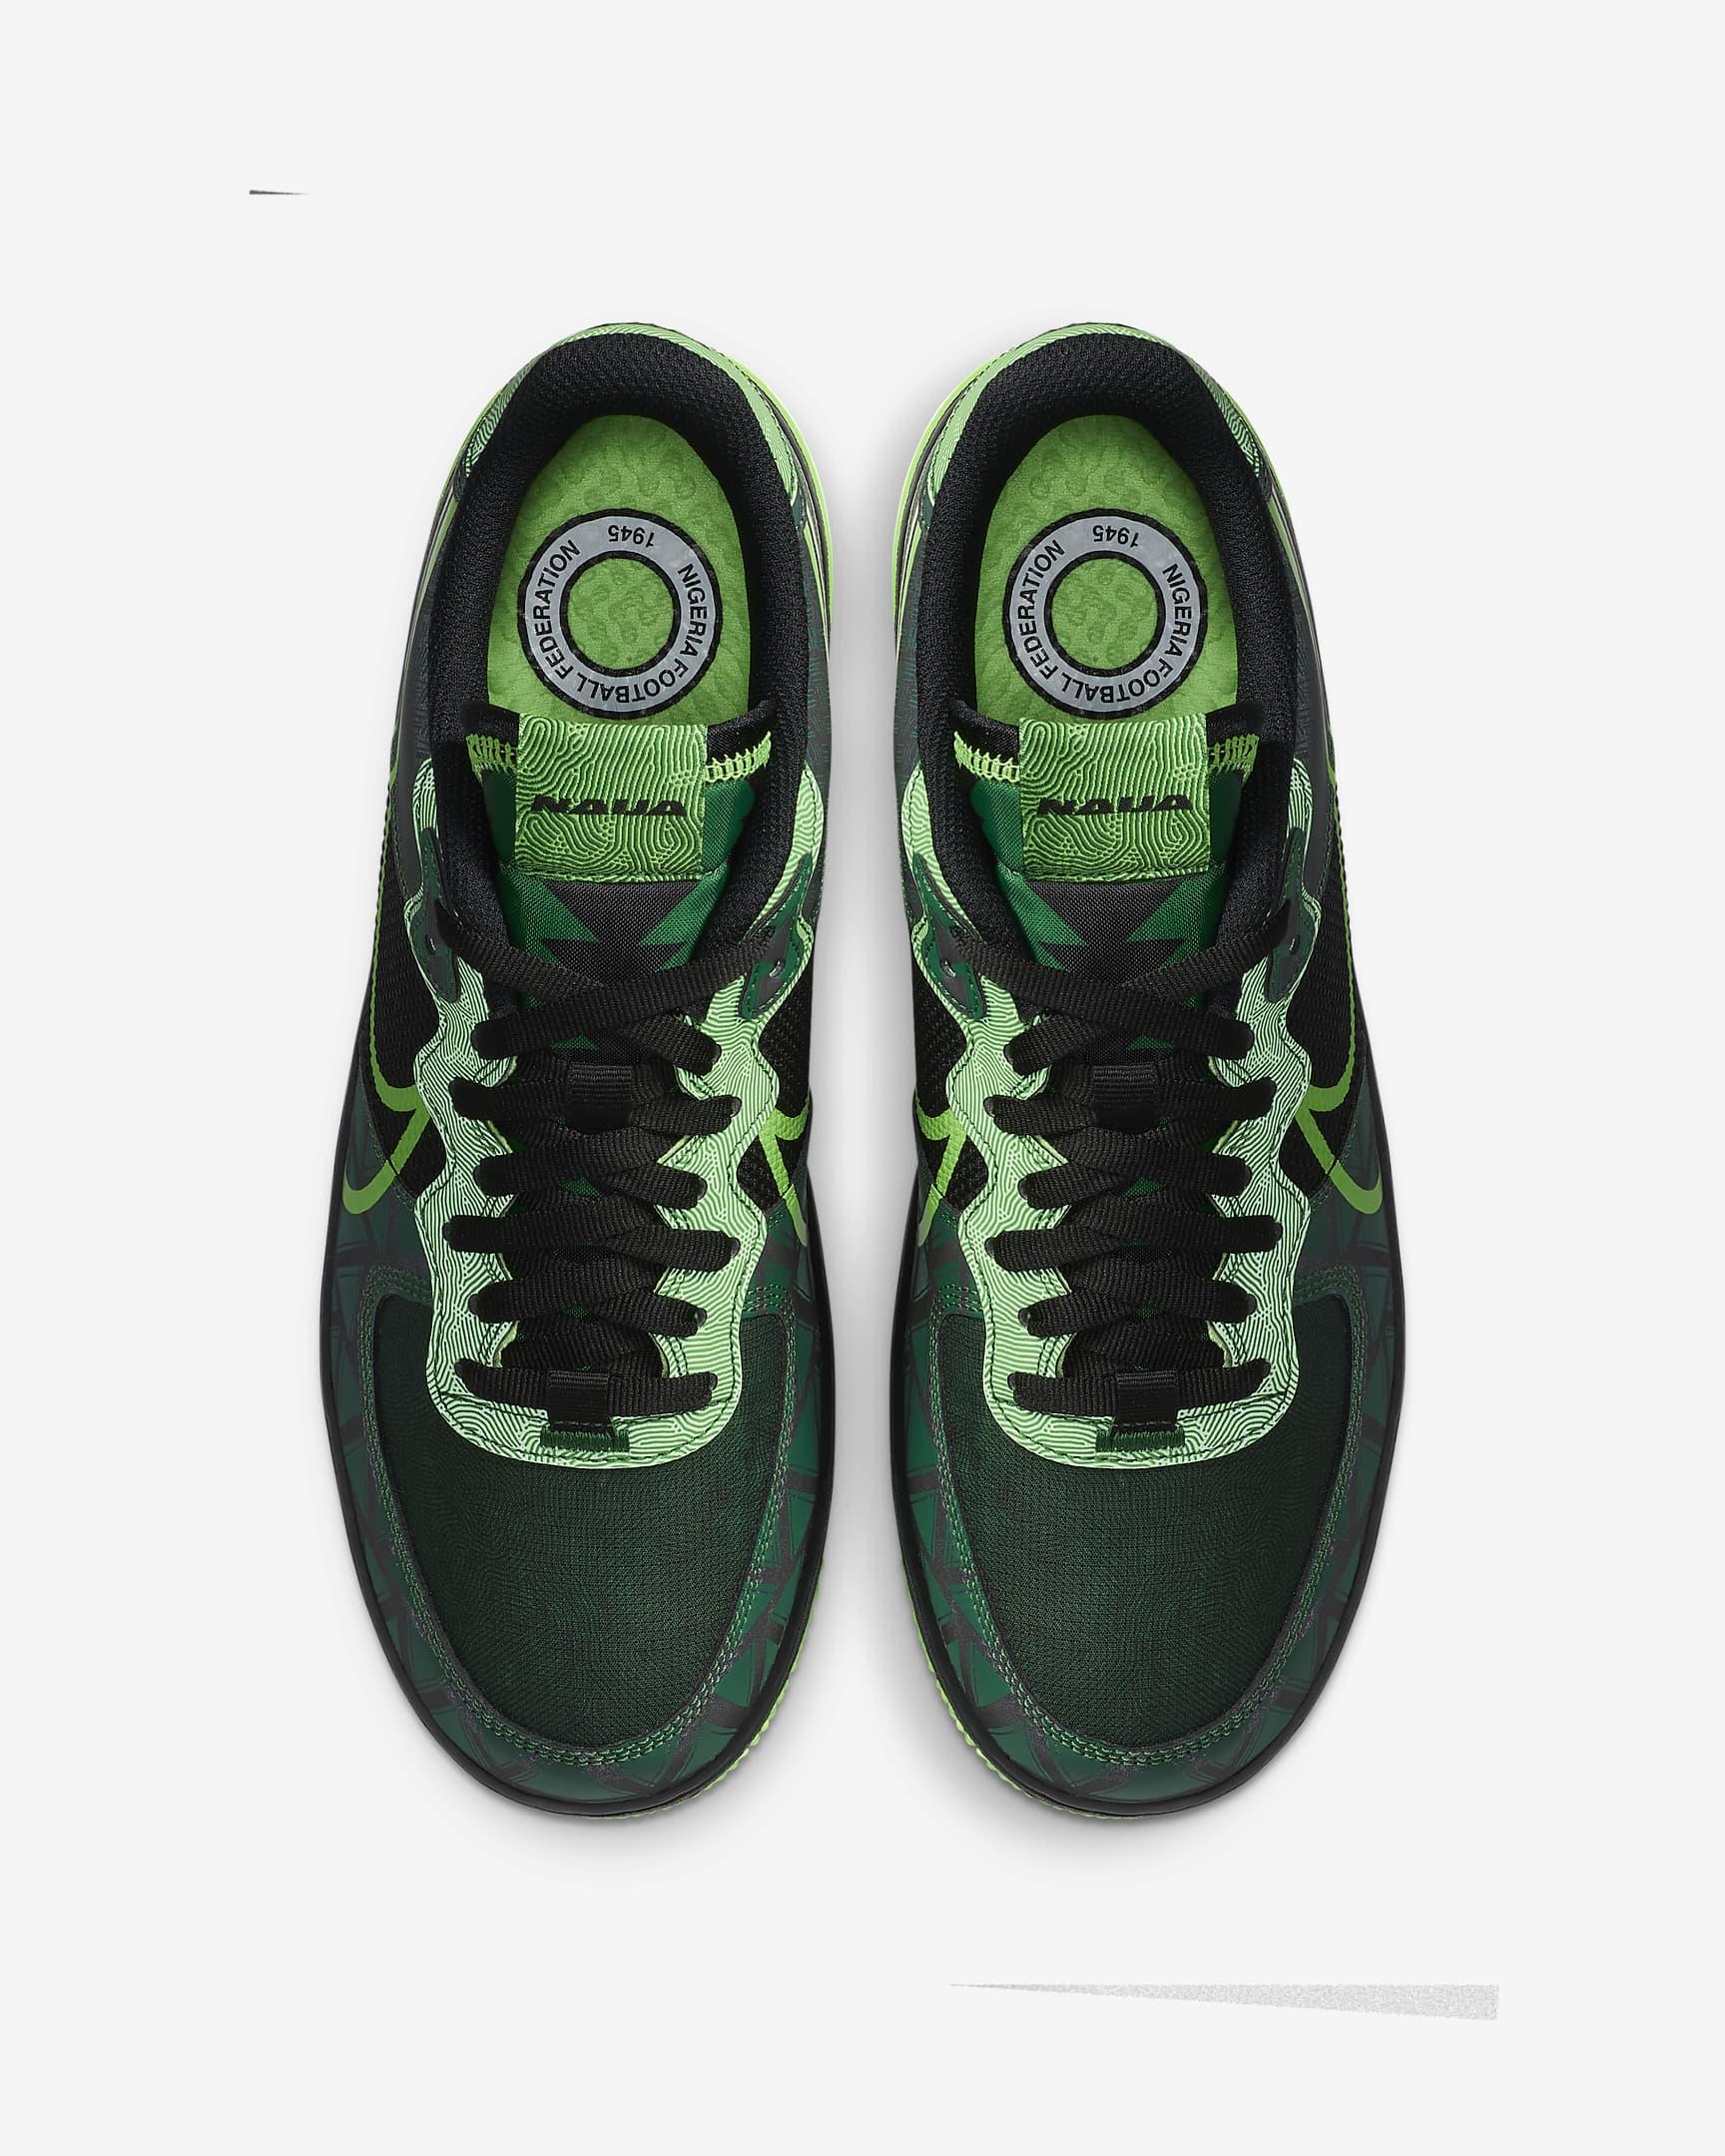 nike air force 1 react, sneakers, nigeria, nigerians elftal